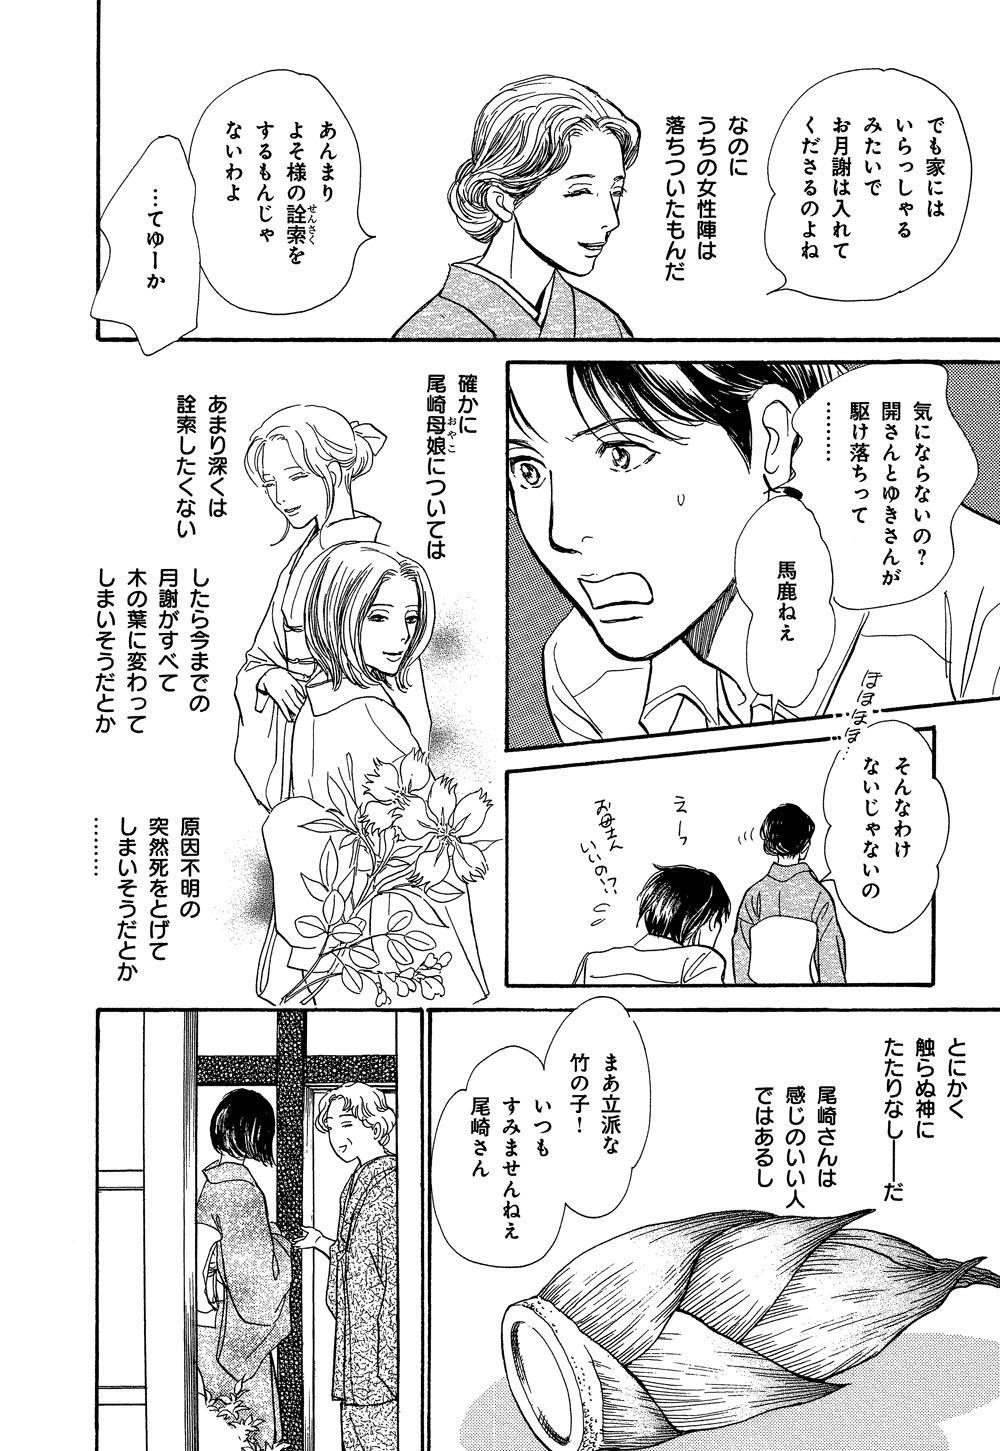 hyakki_0021_0010.jpg